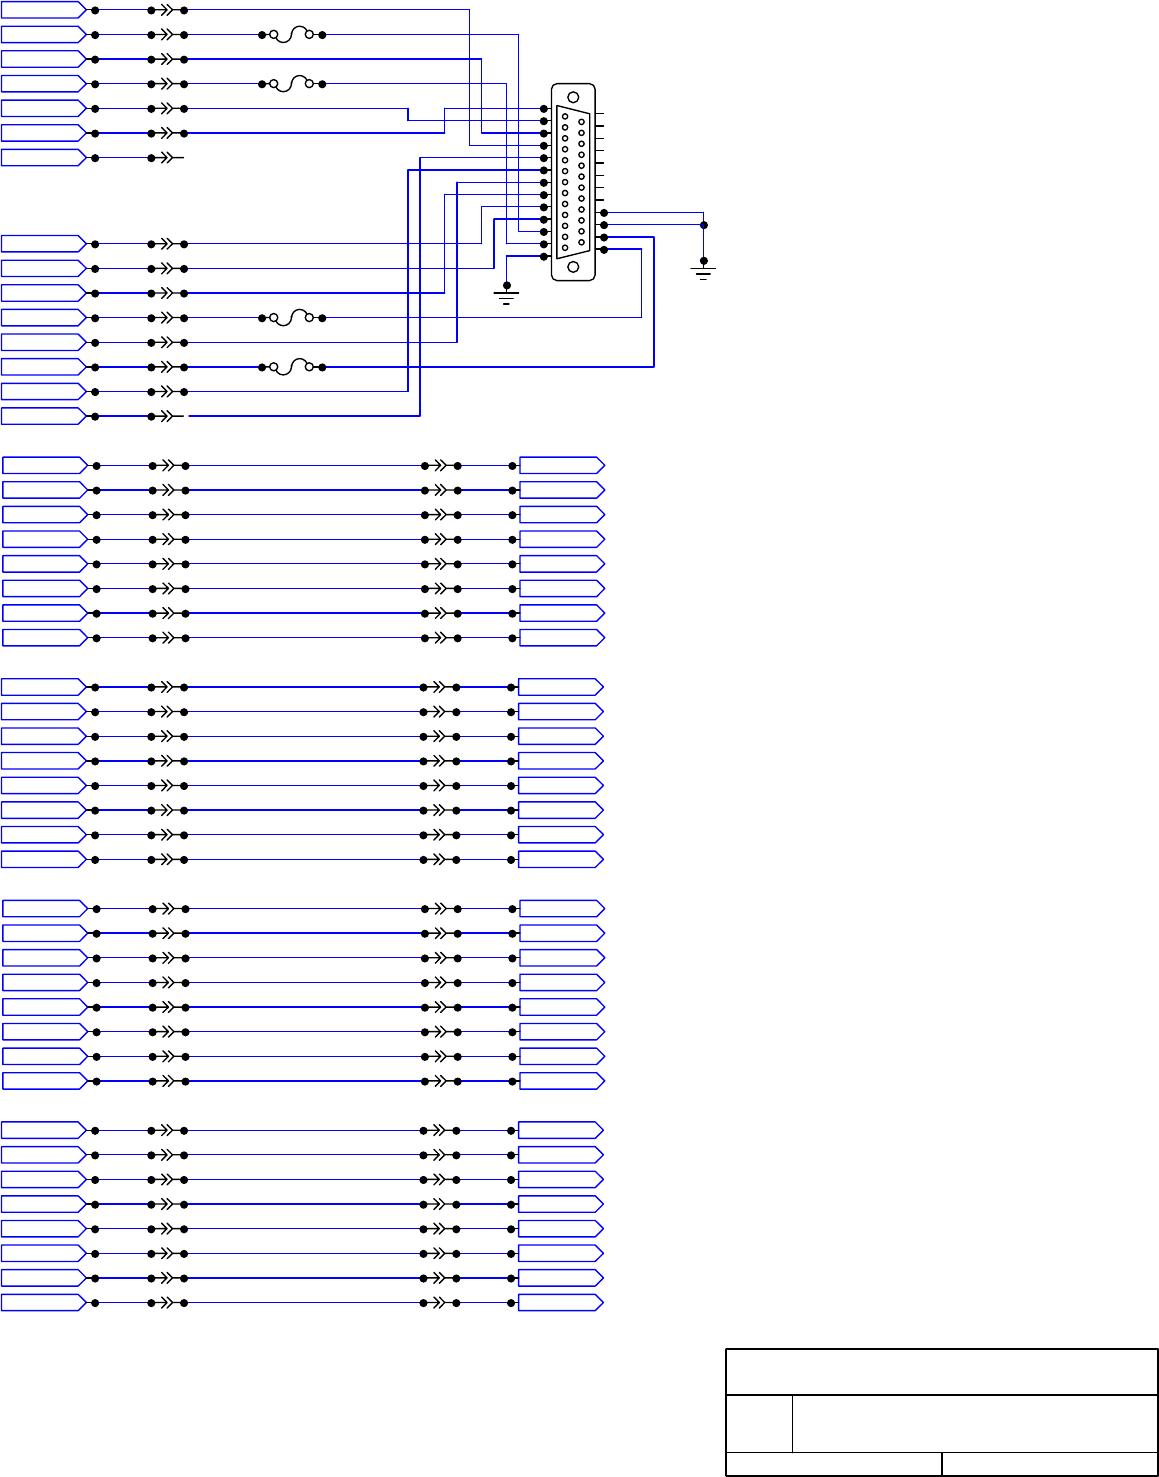 LM70CIMM-3 Temperature Sensor Digital Local 55°C ~ 150°C 10 b 8-VSSOP Qty.5